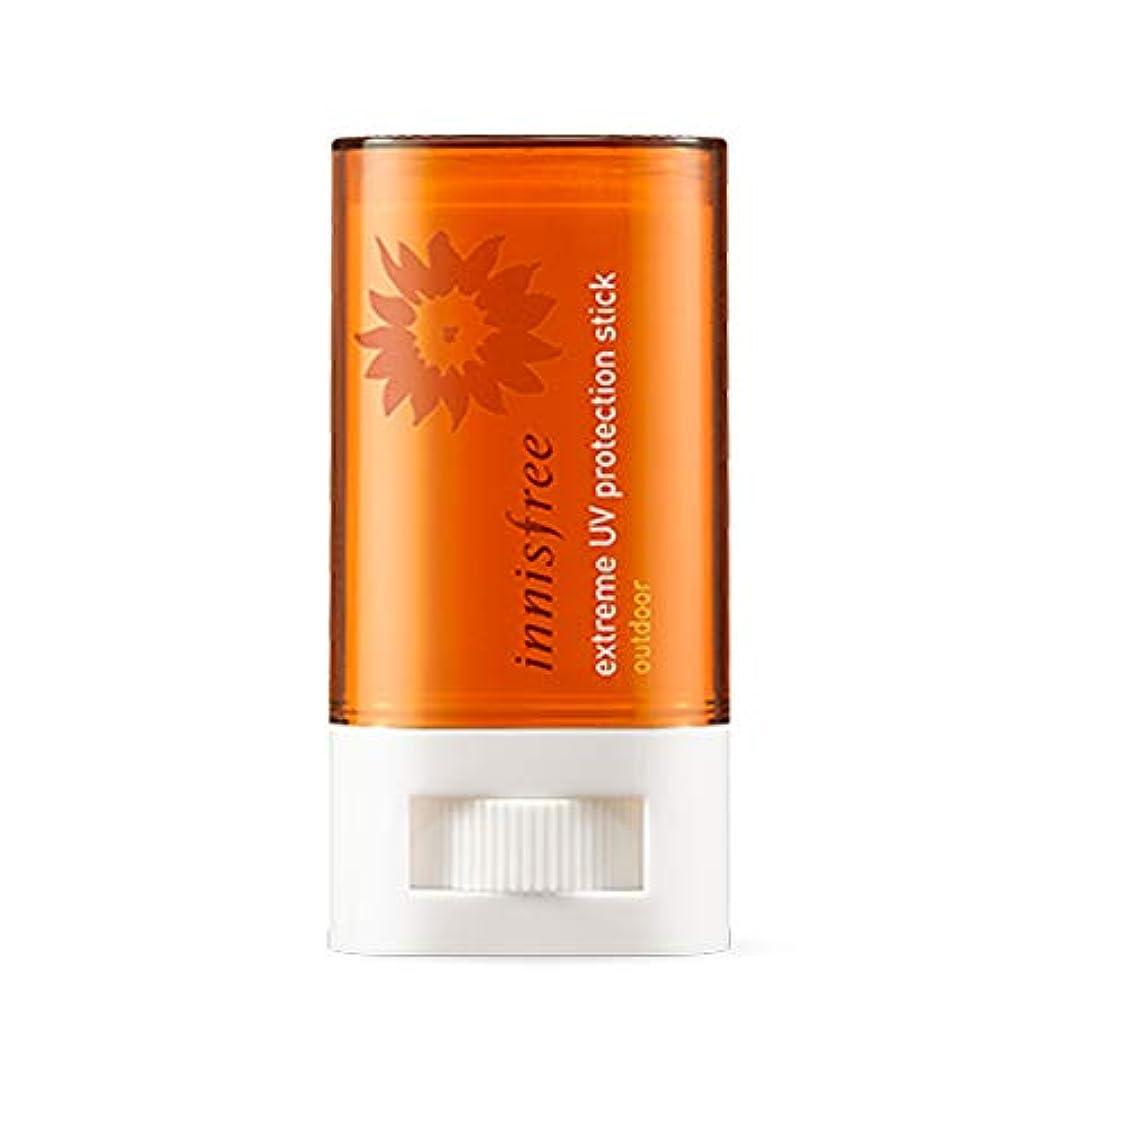 浴マージンショッキングイニスフリーエクストリームUVプロテクションスティックアウトドアSPF50 + PA ++++ 19g Innisfree Extreme UV Protection Stick Outdoor SPF50 + PA +...